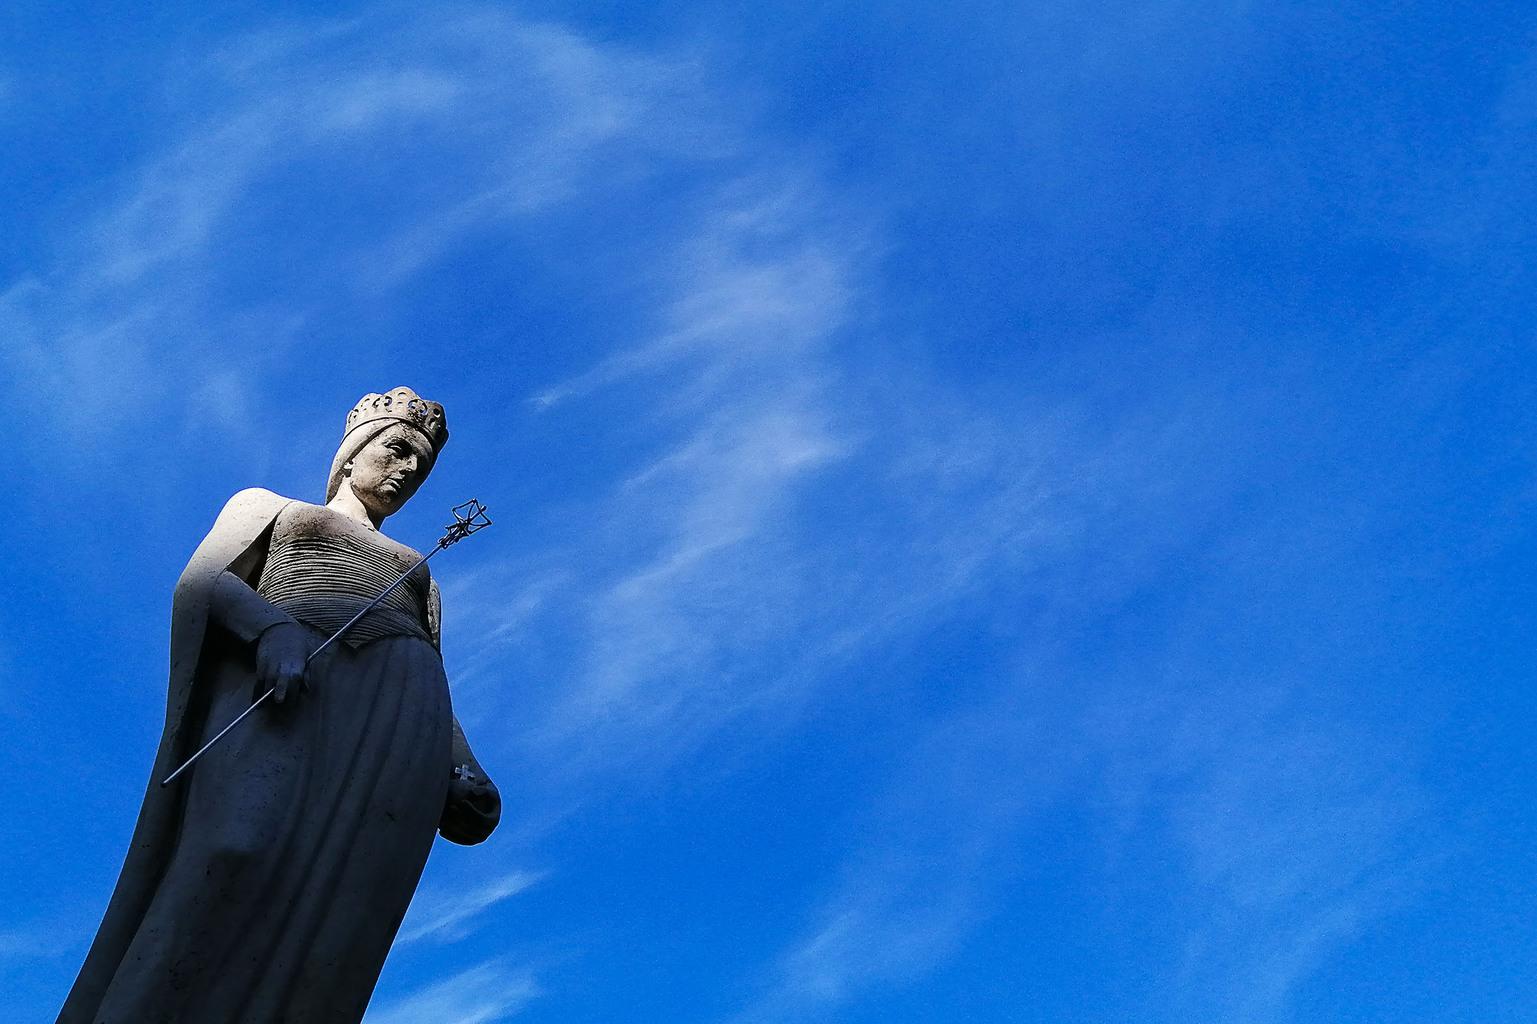 Szent Hedvig – Jadwiga szobra a budapesti Belvárosi Ferences templom kertjében #moszkvater